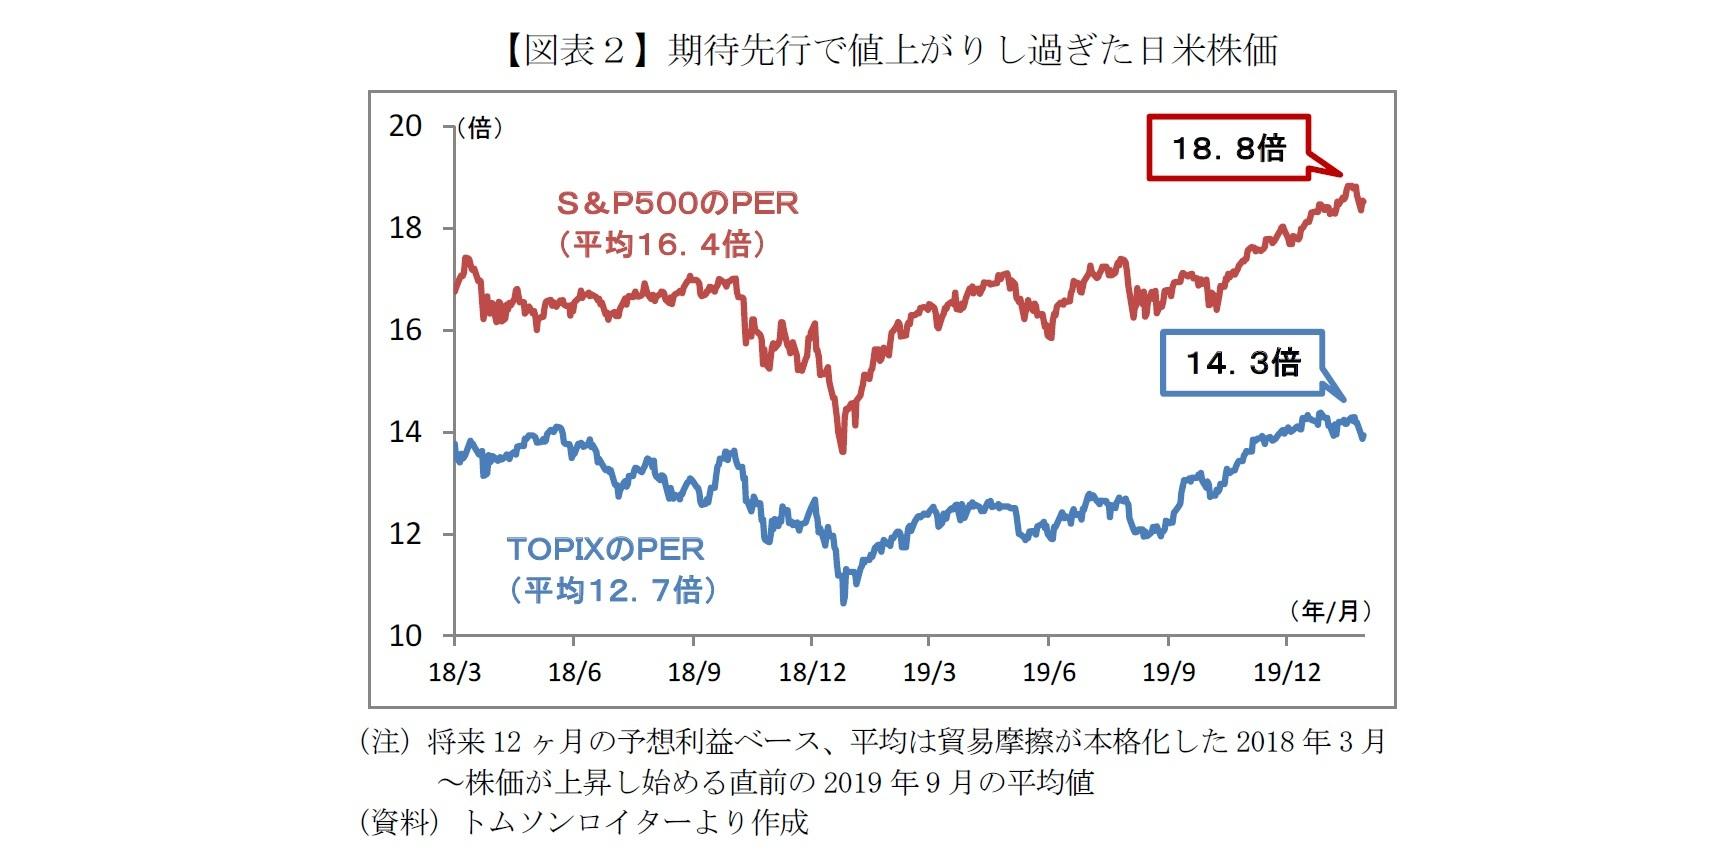 の 株価 予想 今後